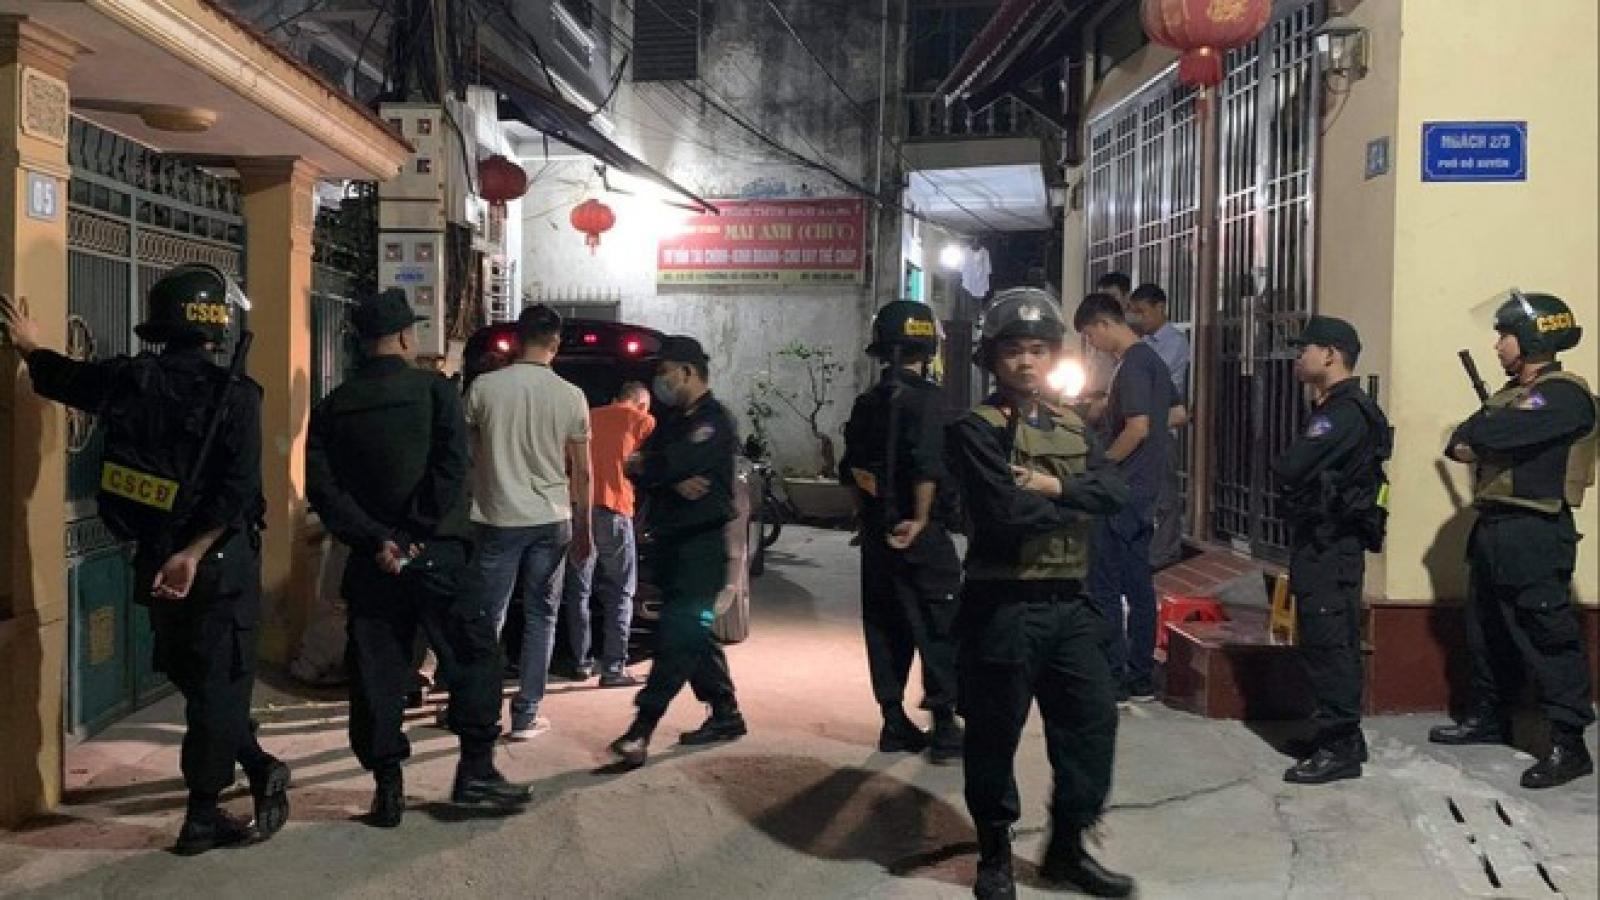 Bắt trùm cho vay nặng lãi Chúc 'Nhị' ở Thái Bình